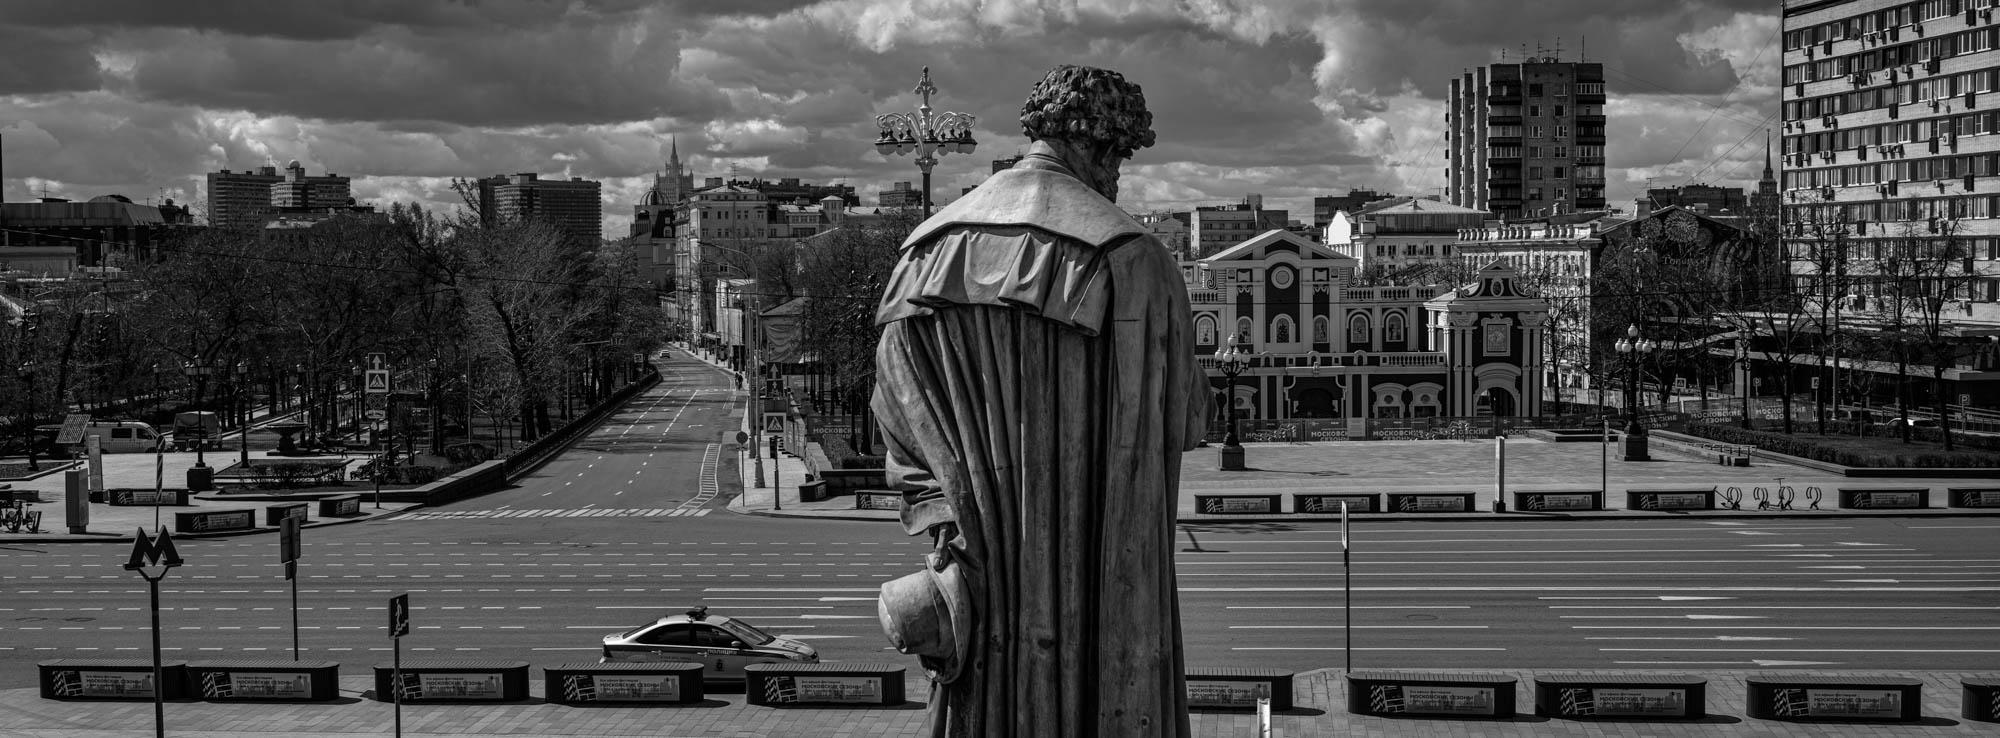 Памятник Пушкину. Пушкинская Площадь.